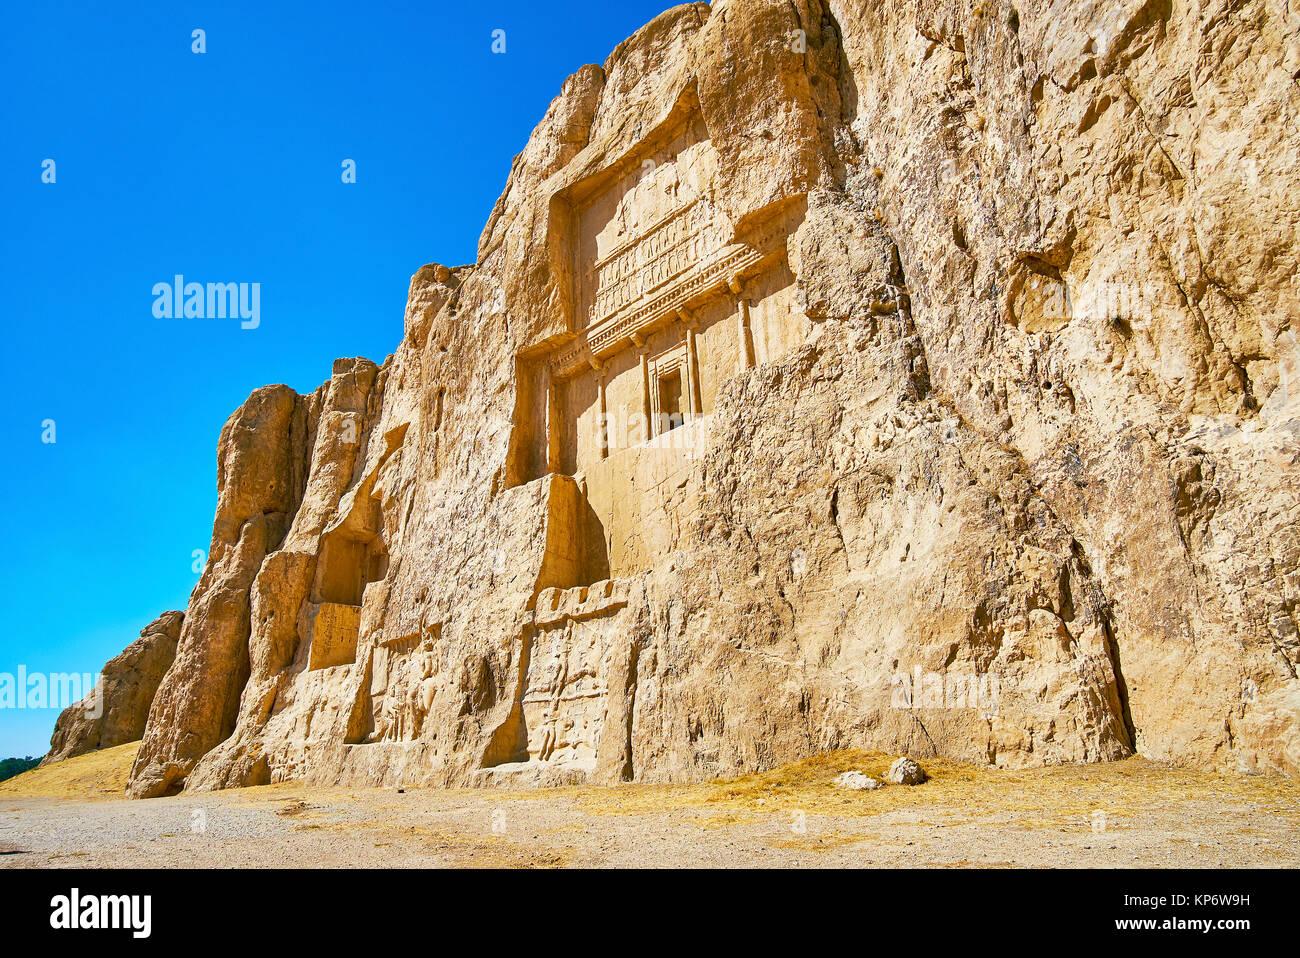 Hossein Monte en Naqsh-e Rustam necrópolis con antiguos mausoleos y relieves, conservadas desde tiempos antiguos, Foto de stock